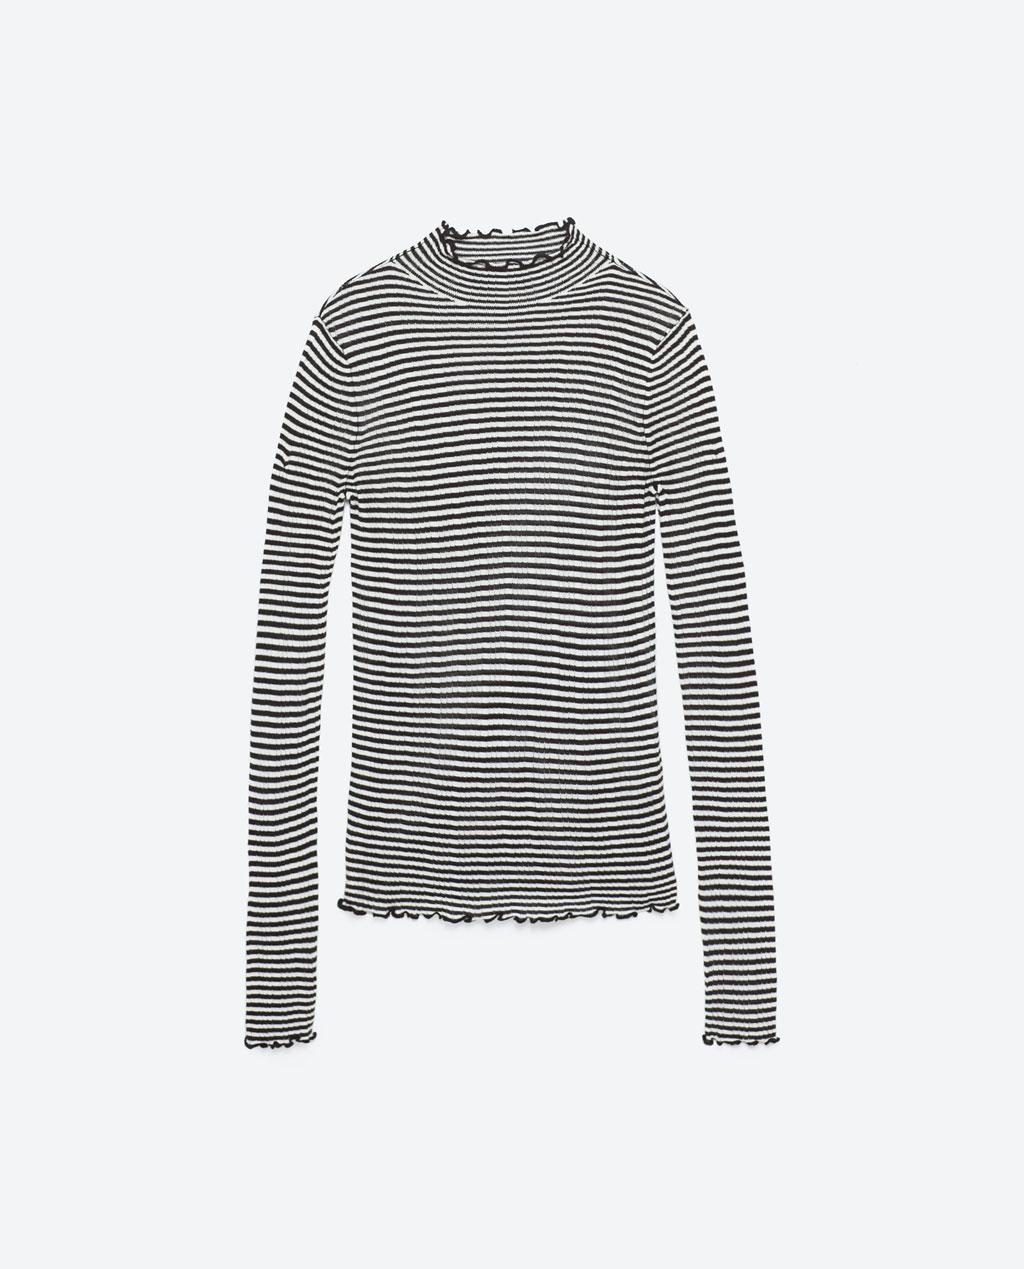 http://www.zara.com/us/en/sale/woman/knitwear/view-all/striped-sweater-c732050p3800526.html